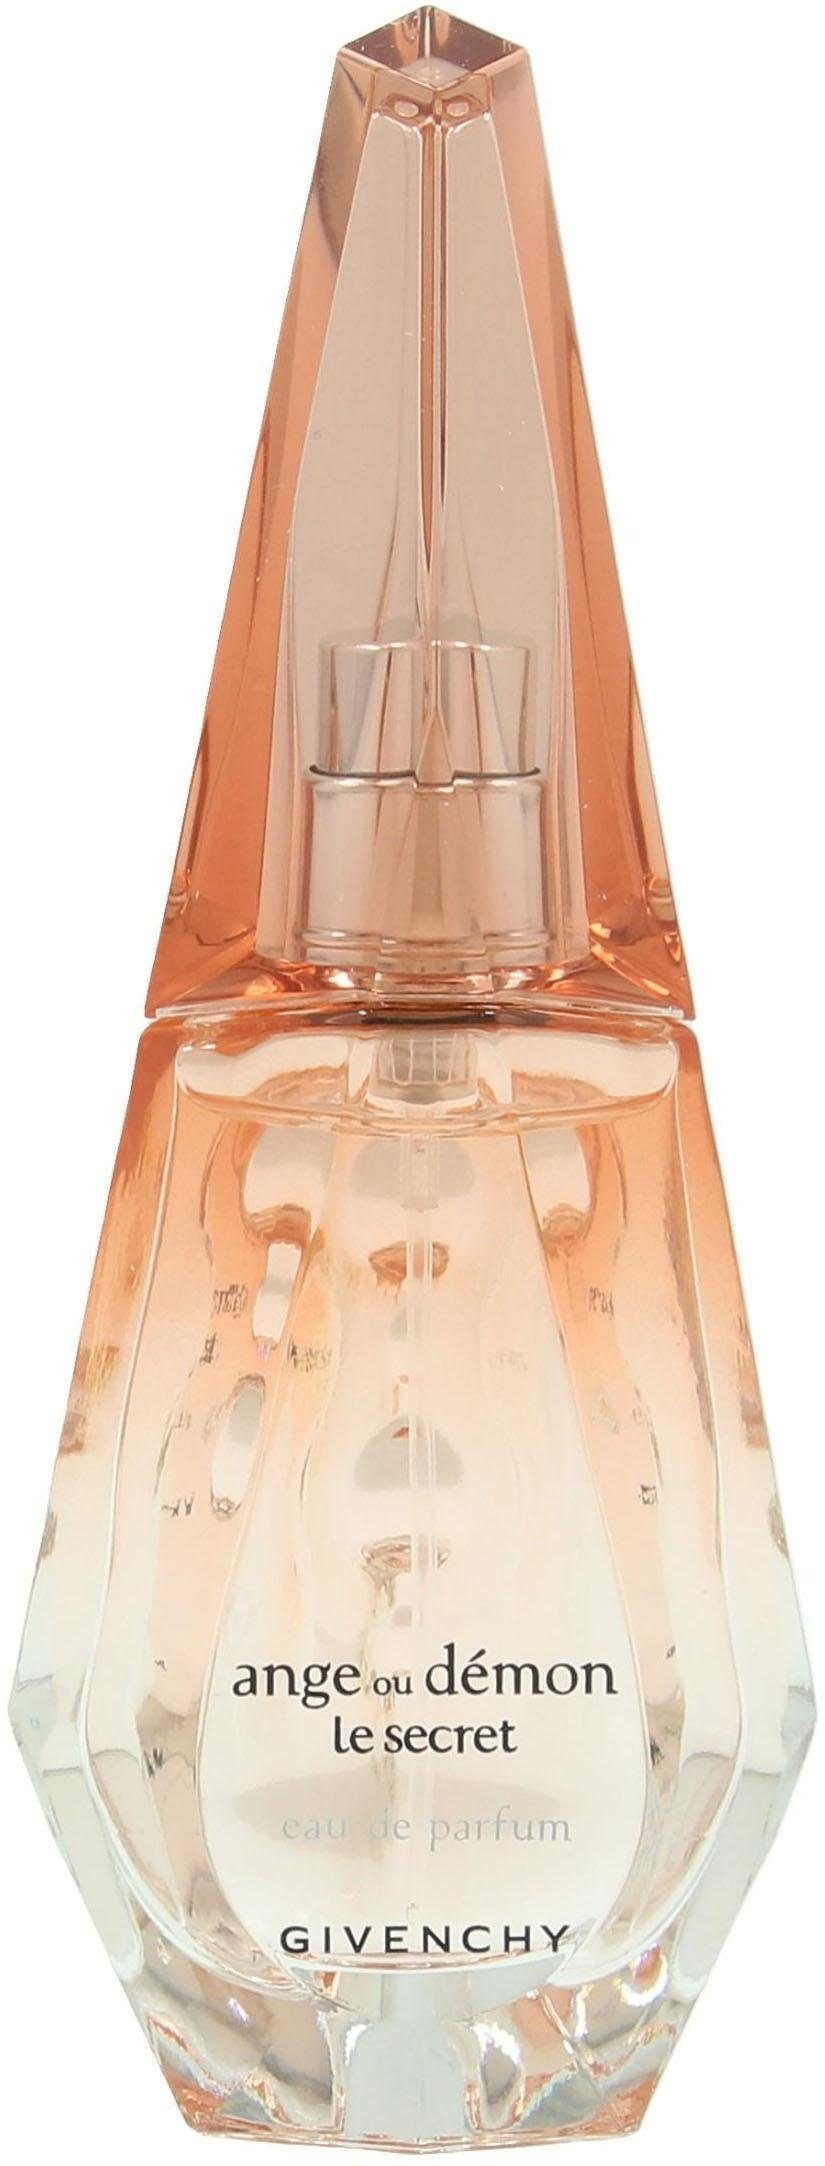 Givenchy, »Ange Ou Demon Le Secret«, Eau de Parfum